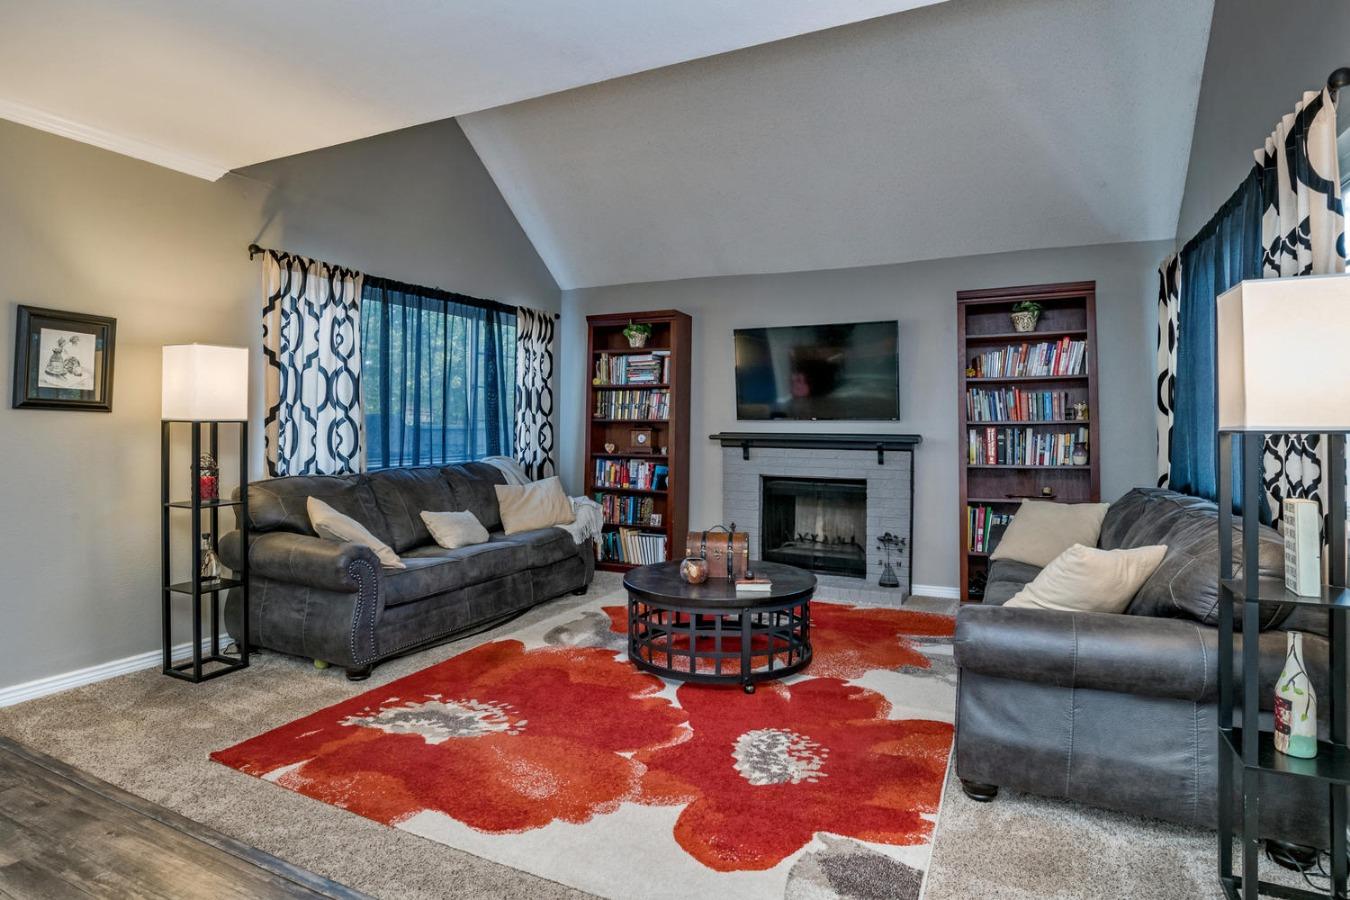 Open floor plan, newer carpet